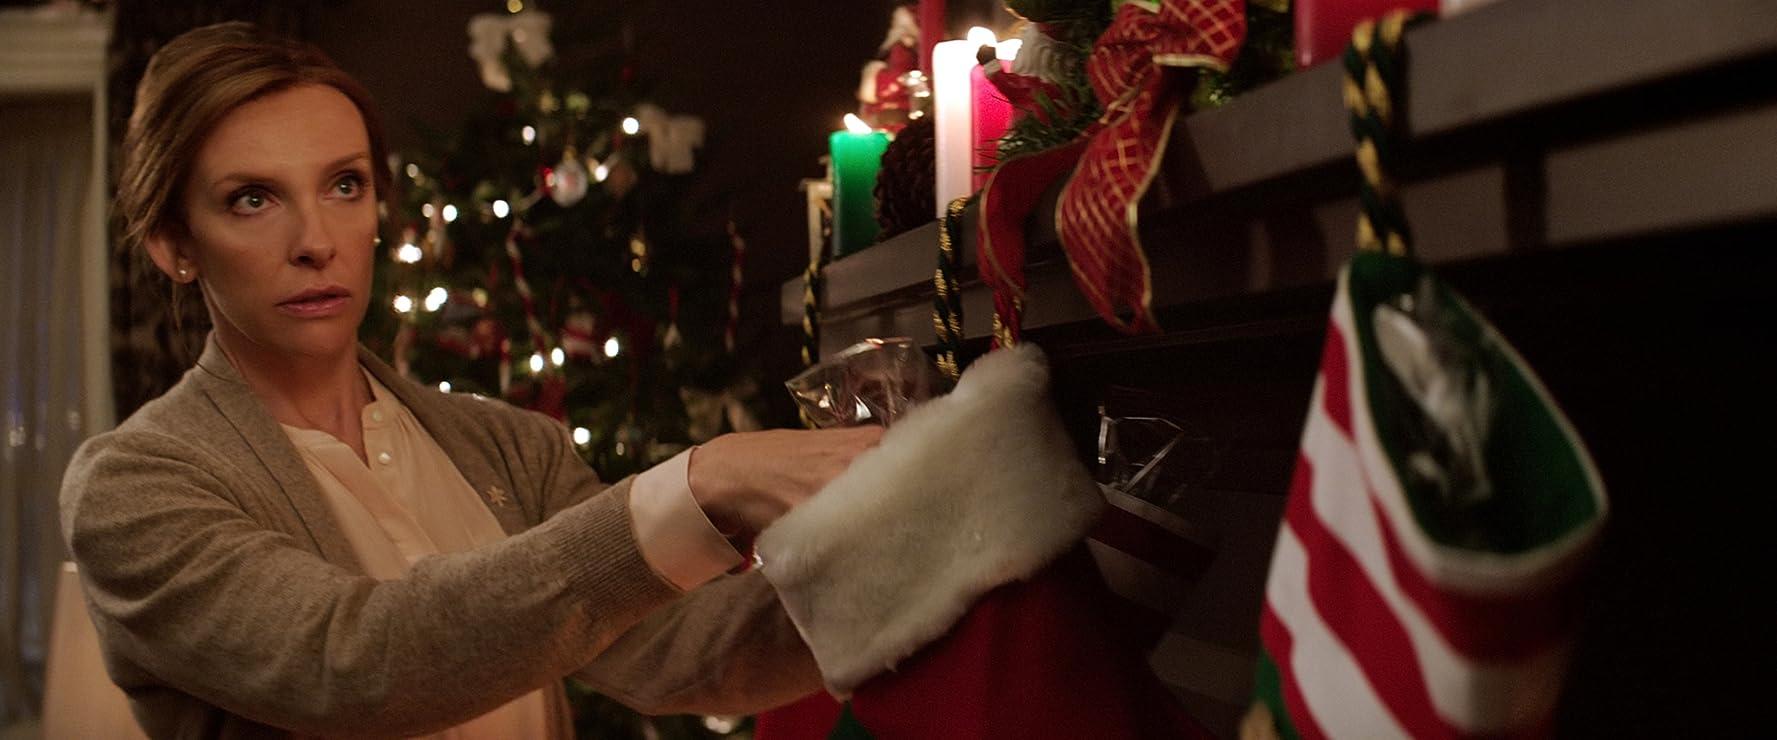 Krampus: El terror de la Navidad (Krampus)